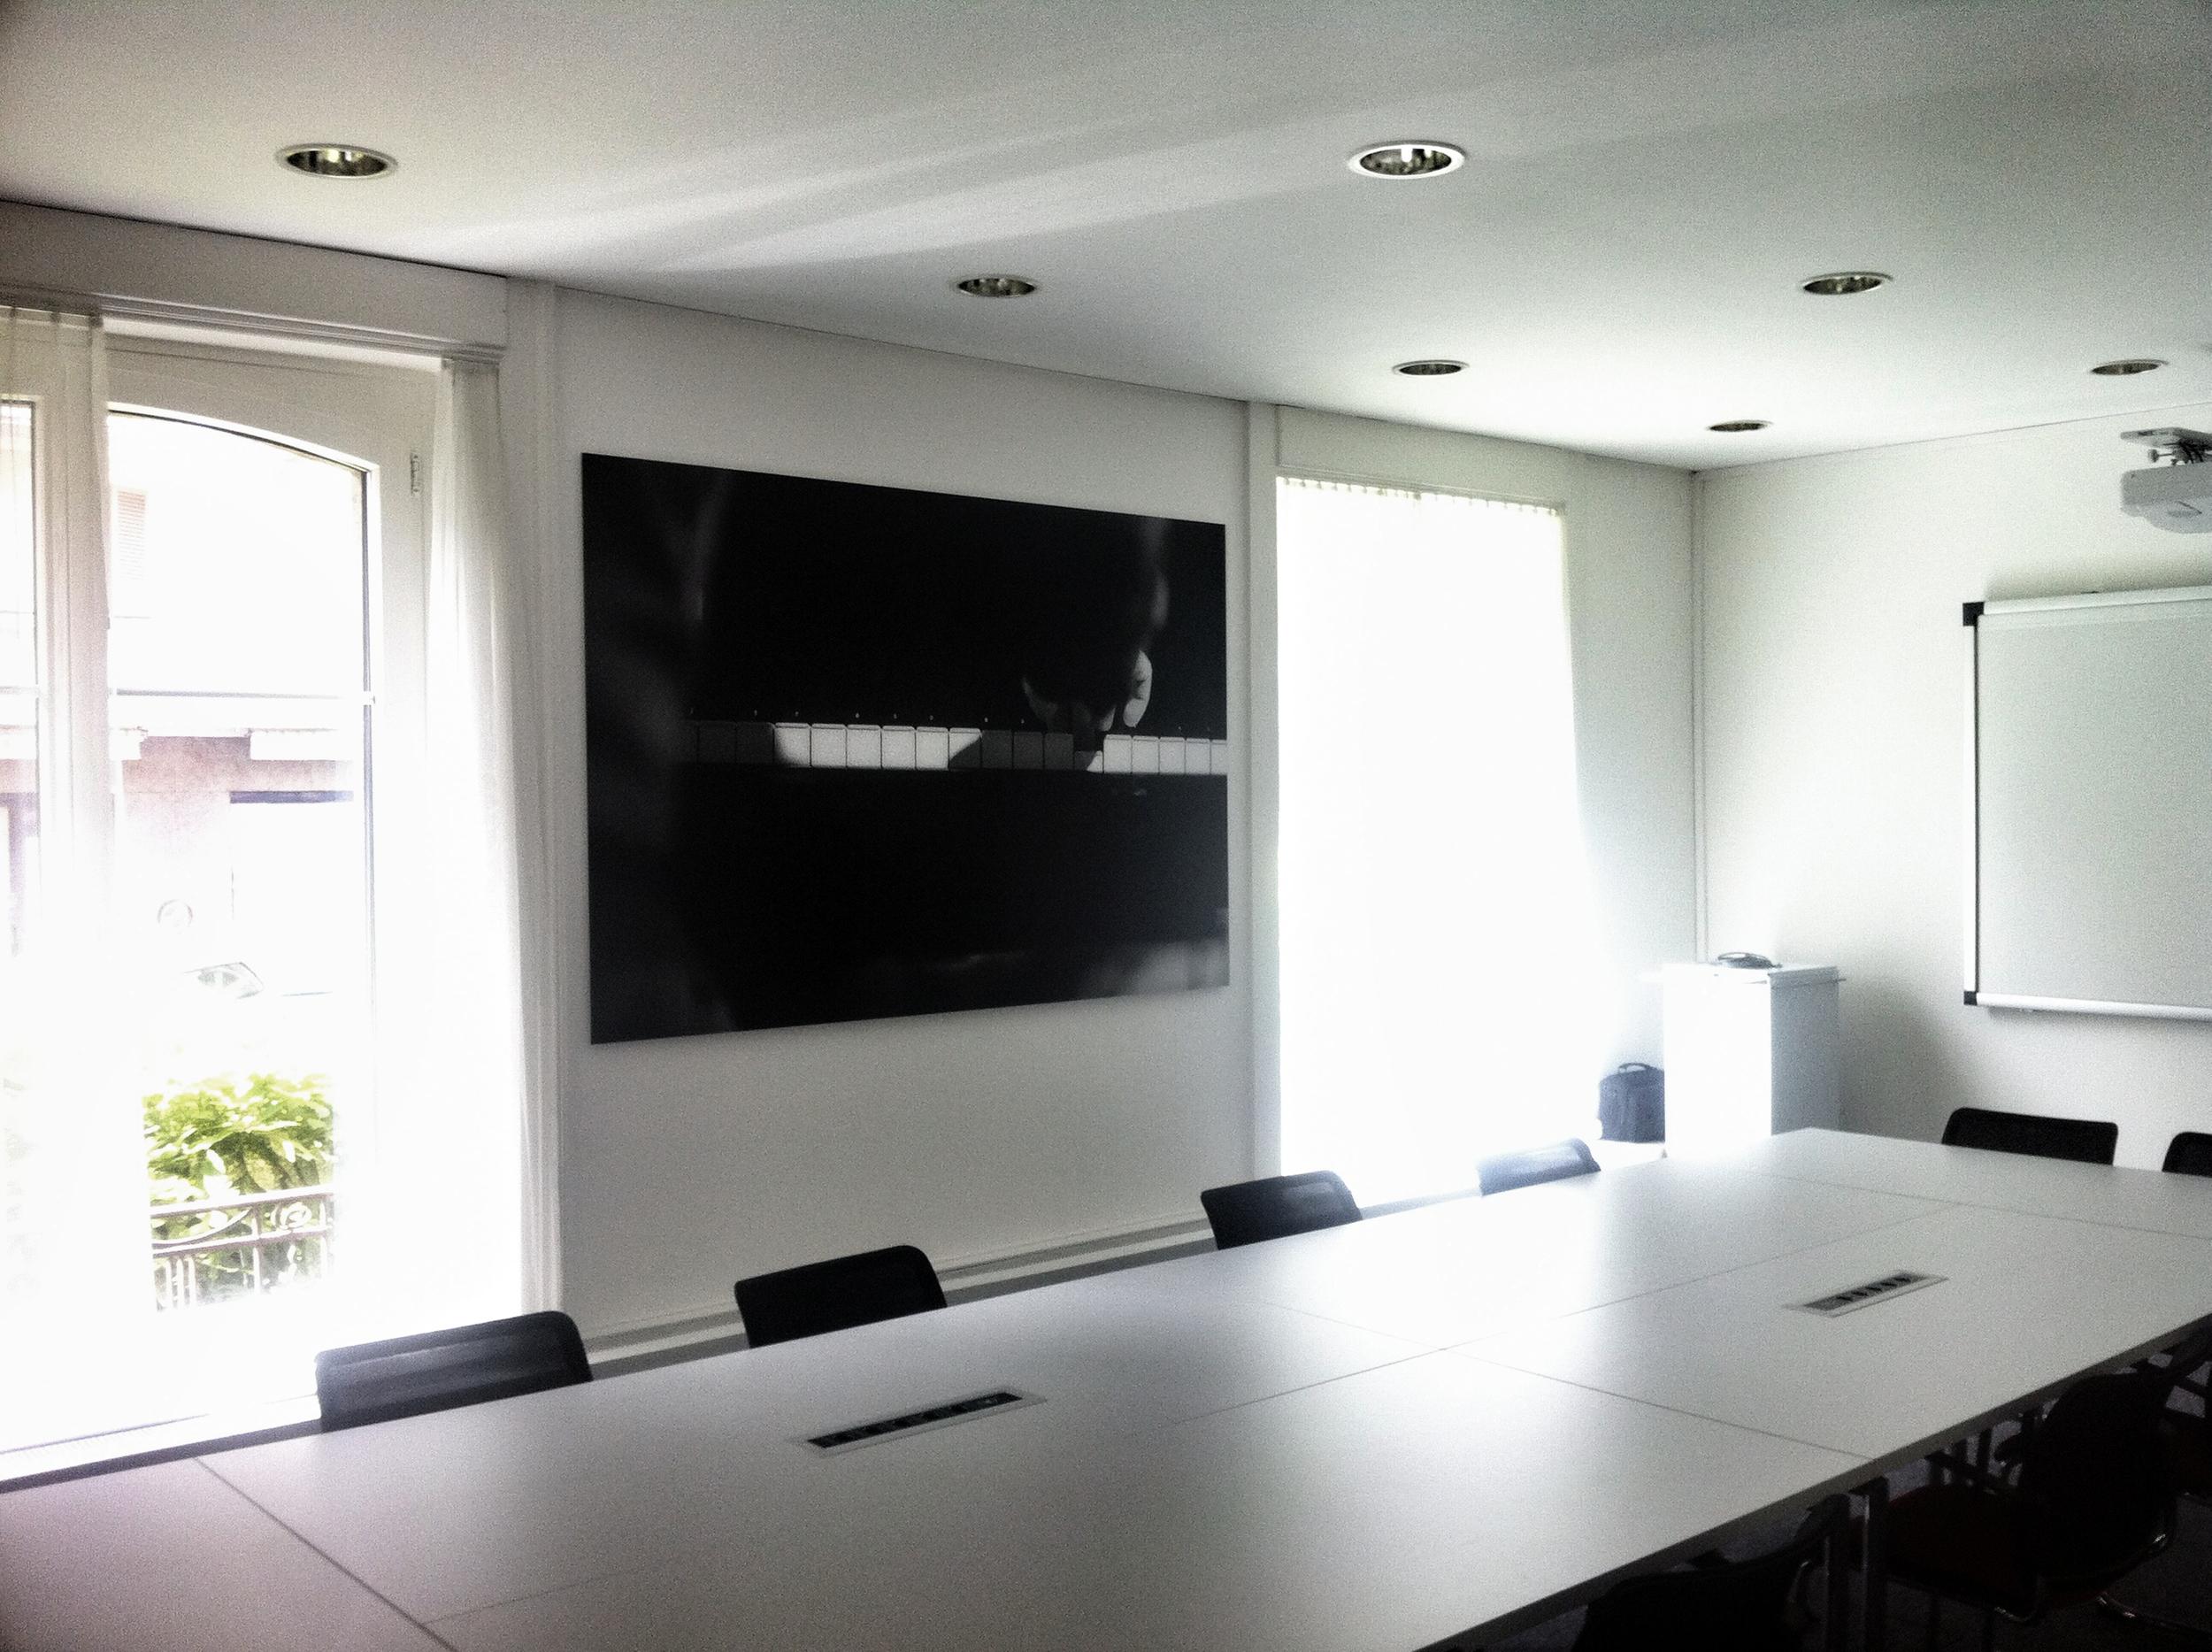 Nouvelle salle de conférence - SUISA Lausanne    Tirage baryté sur support en aluminium 220x145cm